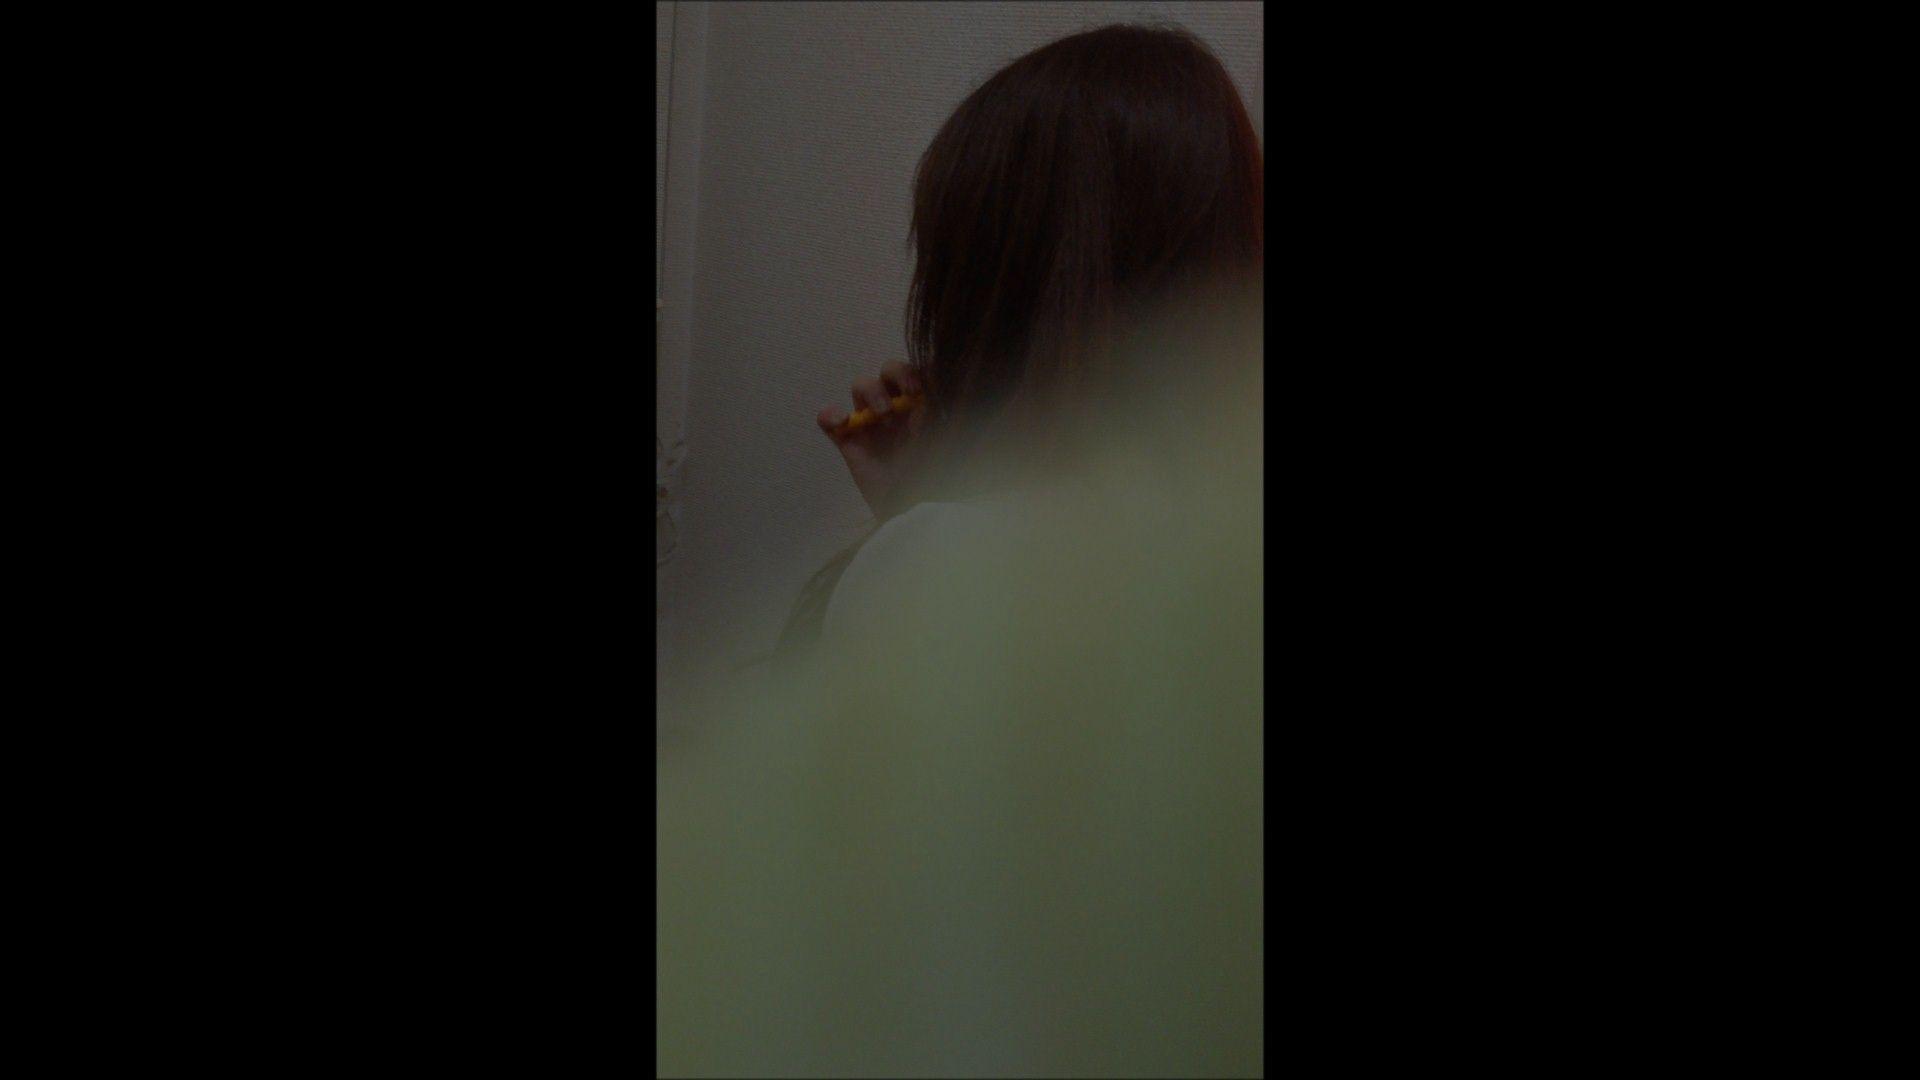 08(8日目)メイク中の彼女の顔を撮りました! マンコ特集 | オマンコ丸見え  59連発 50